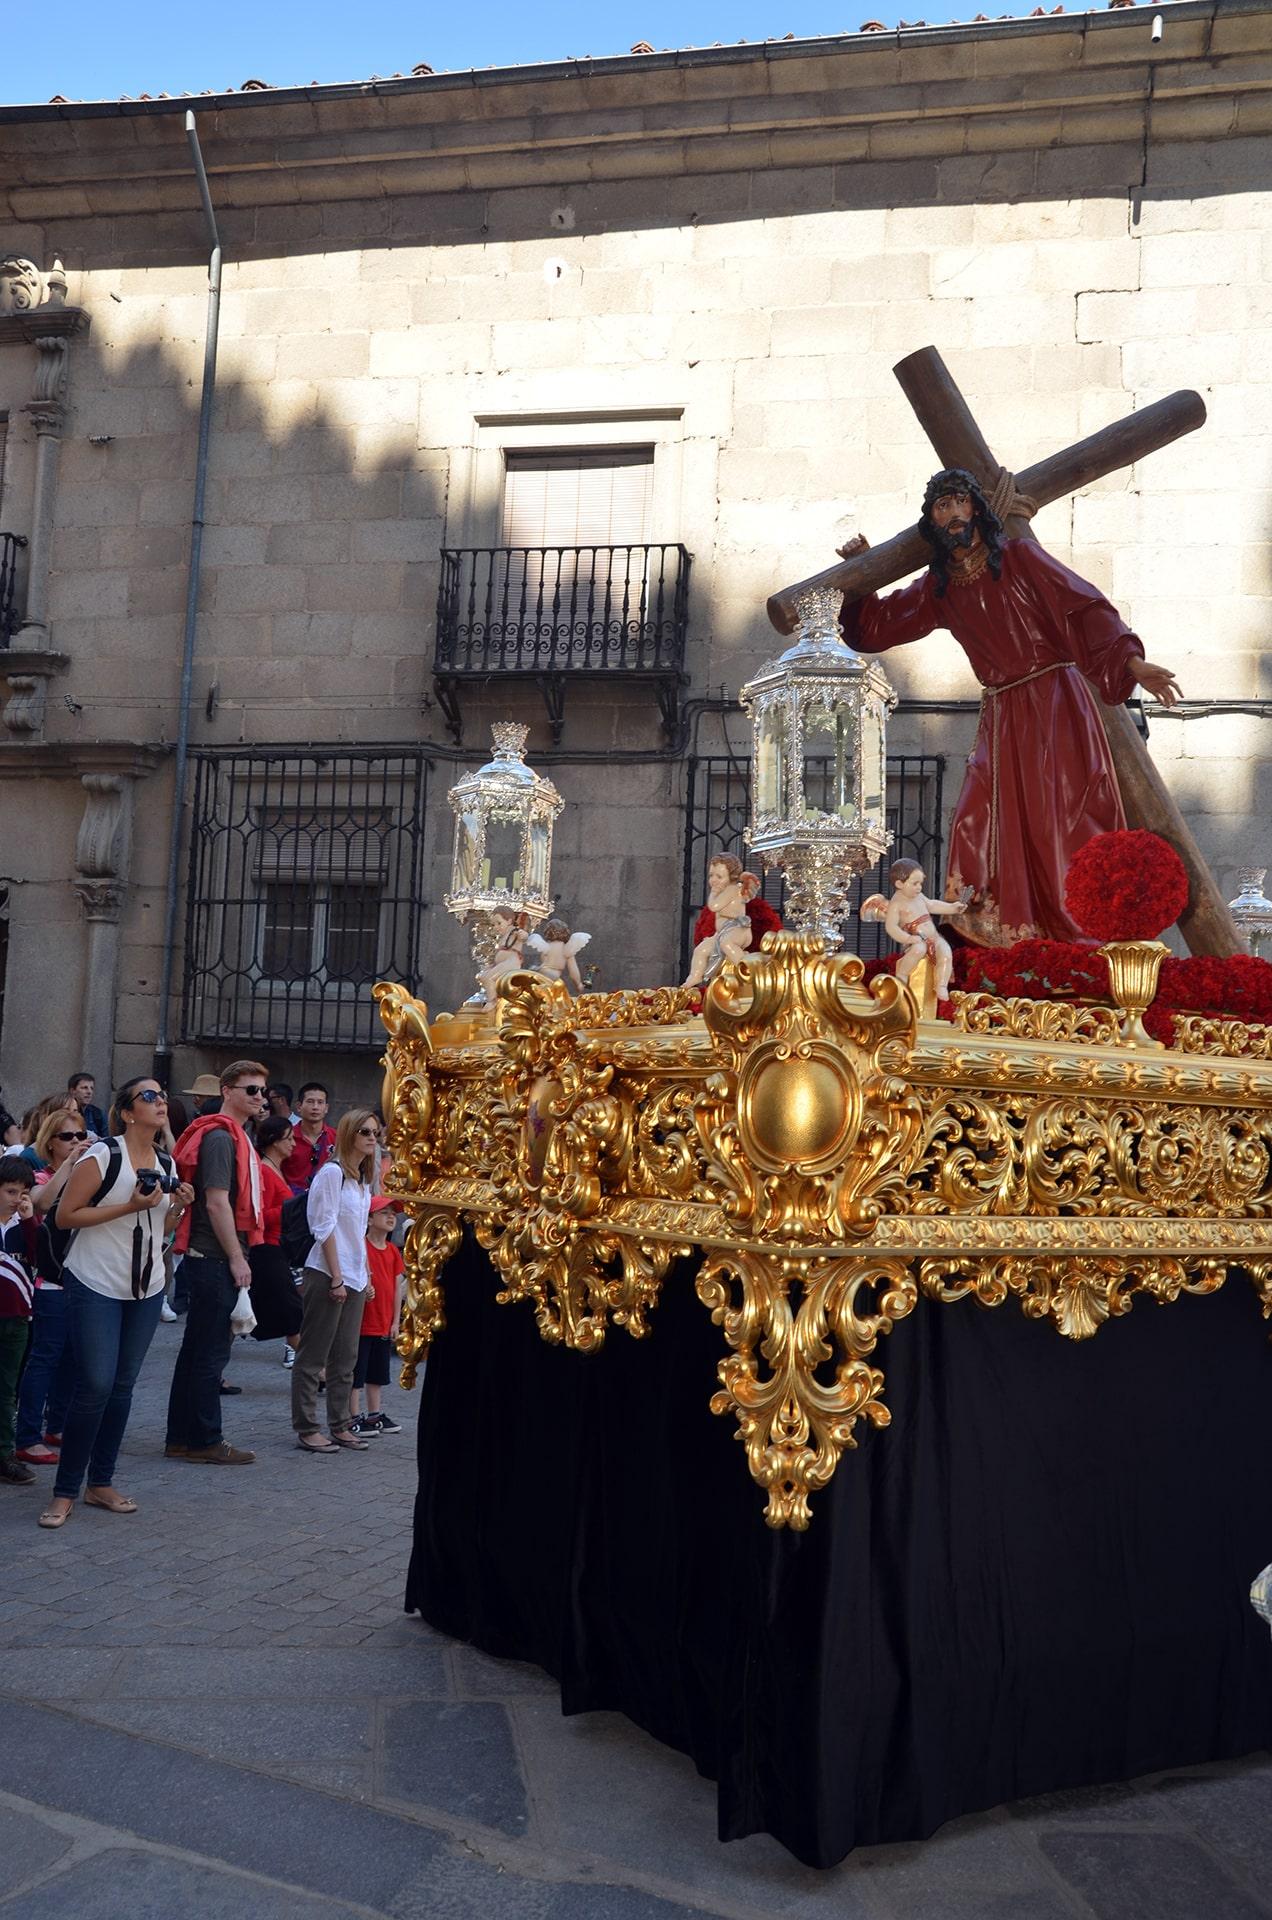 Via Crucis y Procesión acompañando a los Pasos de Jesús con la Cruz a cuestas y La Virgen de las Angustias, Segovia 3